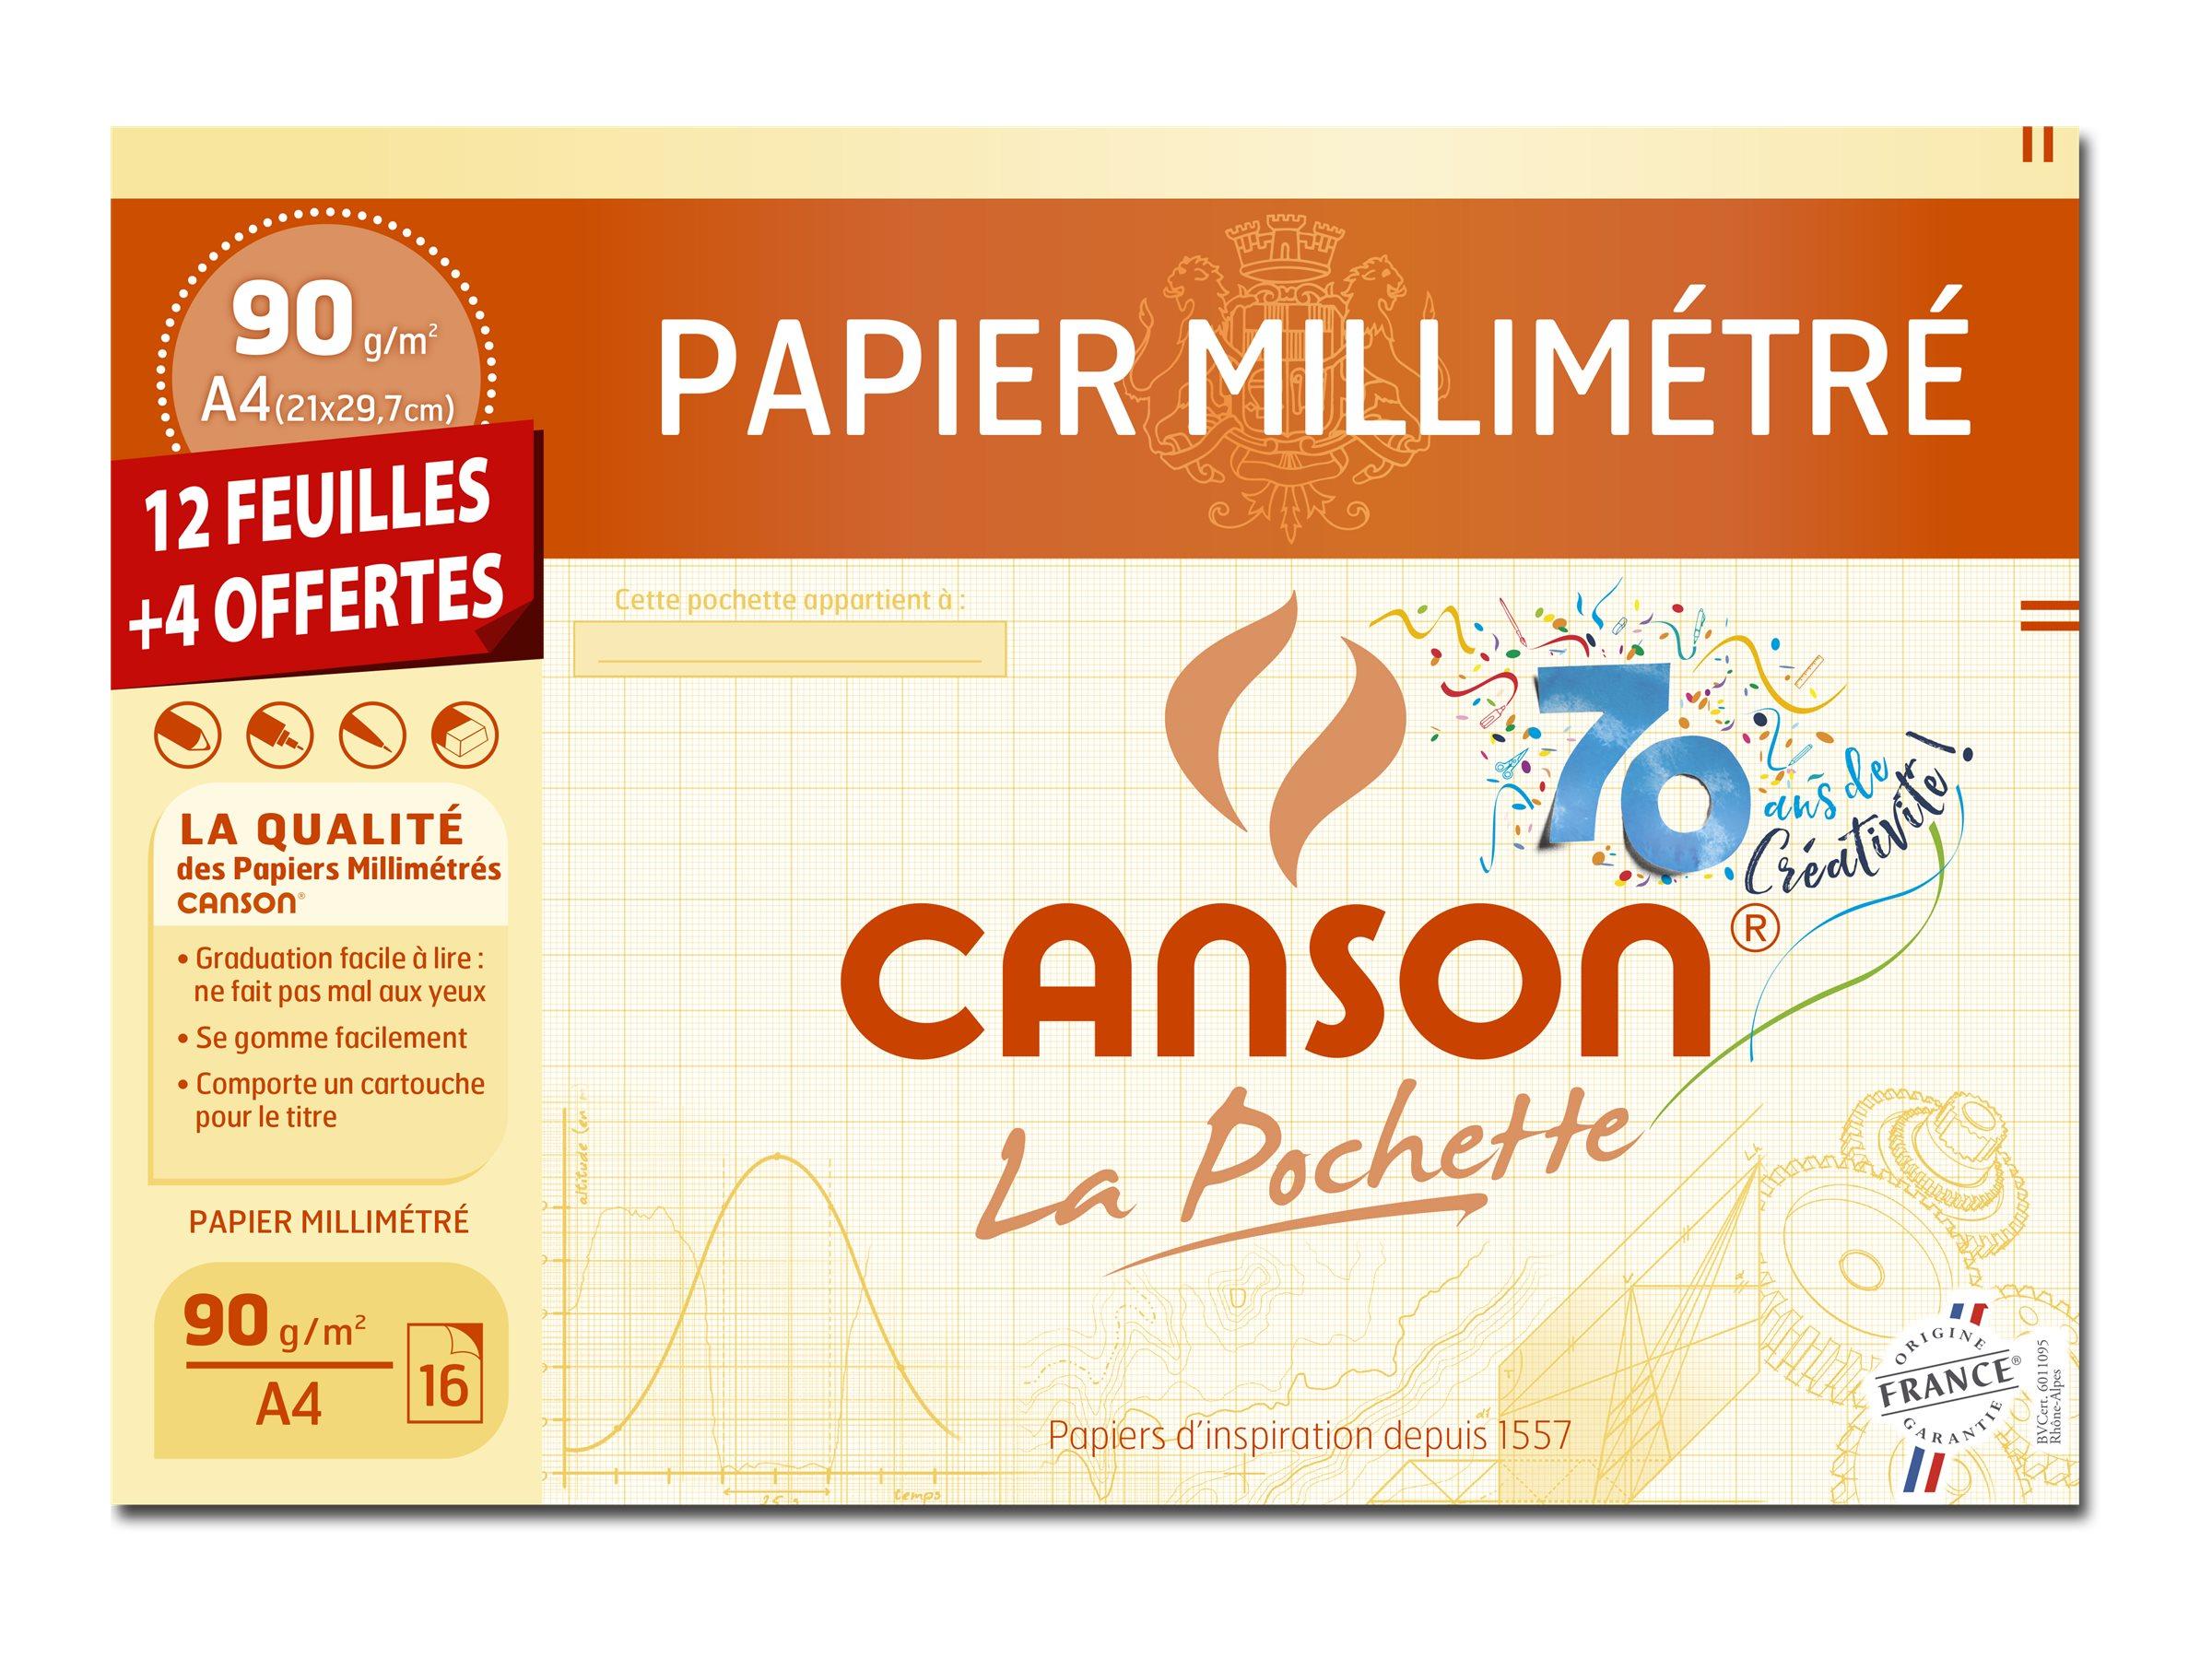 CANSON La Pochette millimétré - papier millimétré